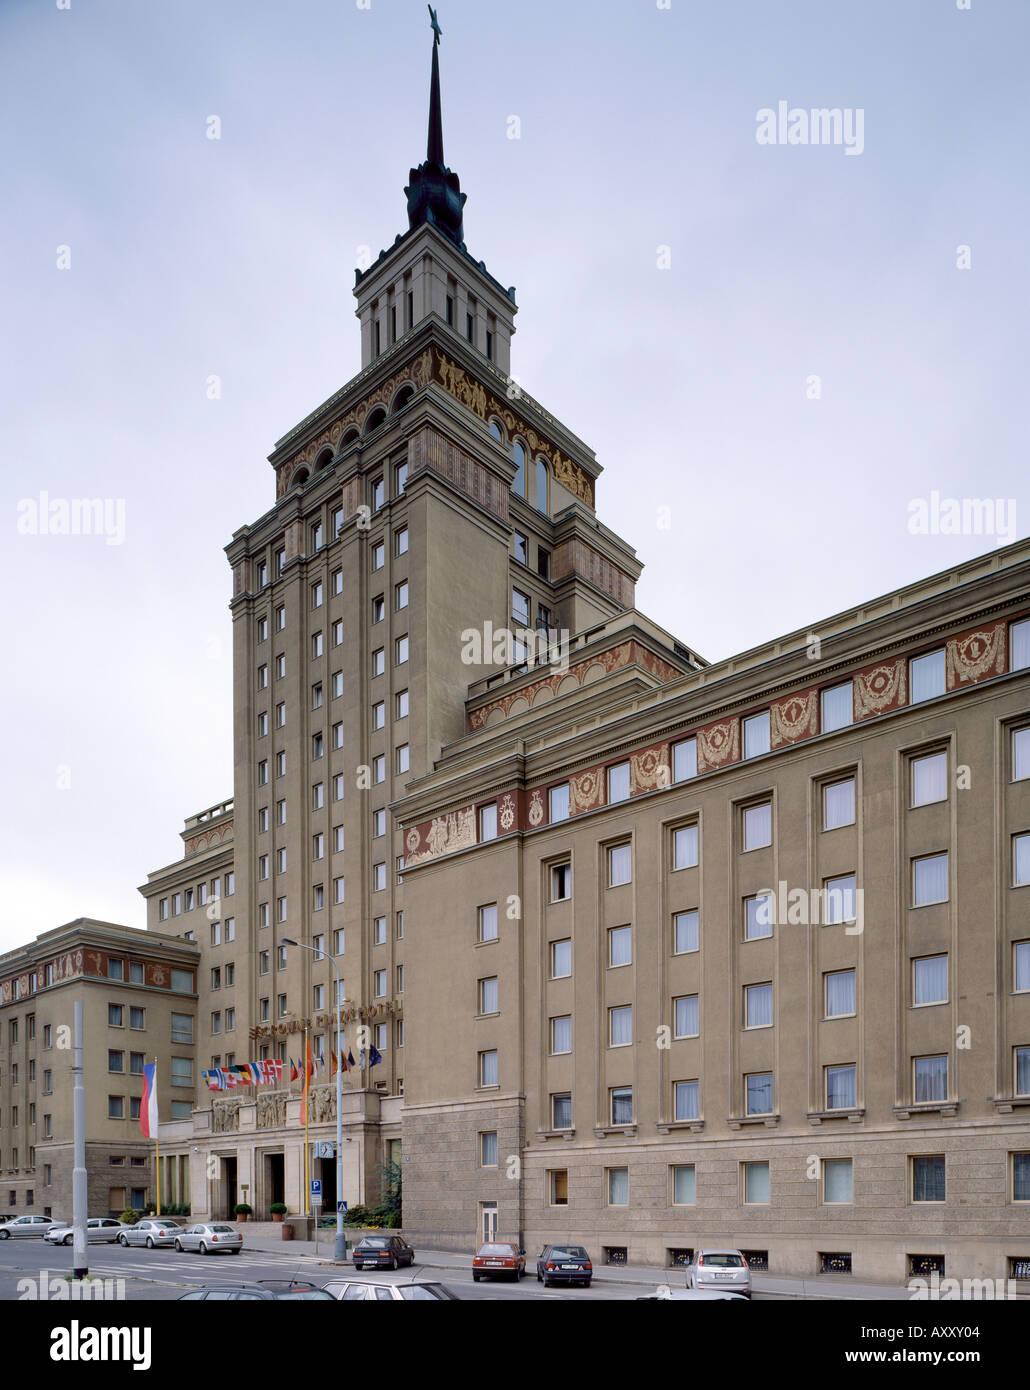 Prag/Dejvice, Hotel International, Straße Podbabska, Franticek Jerabek, 1954-1958 Stock Photo